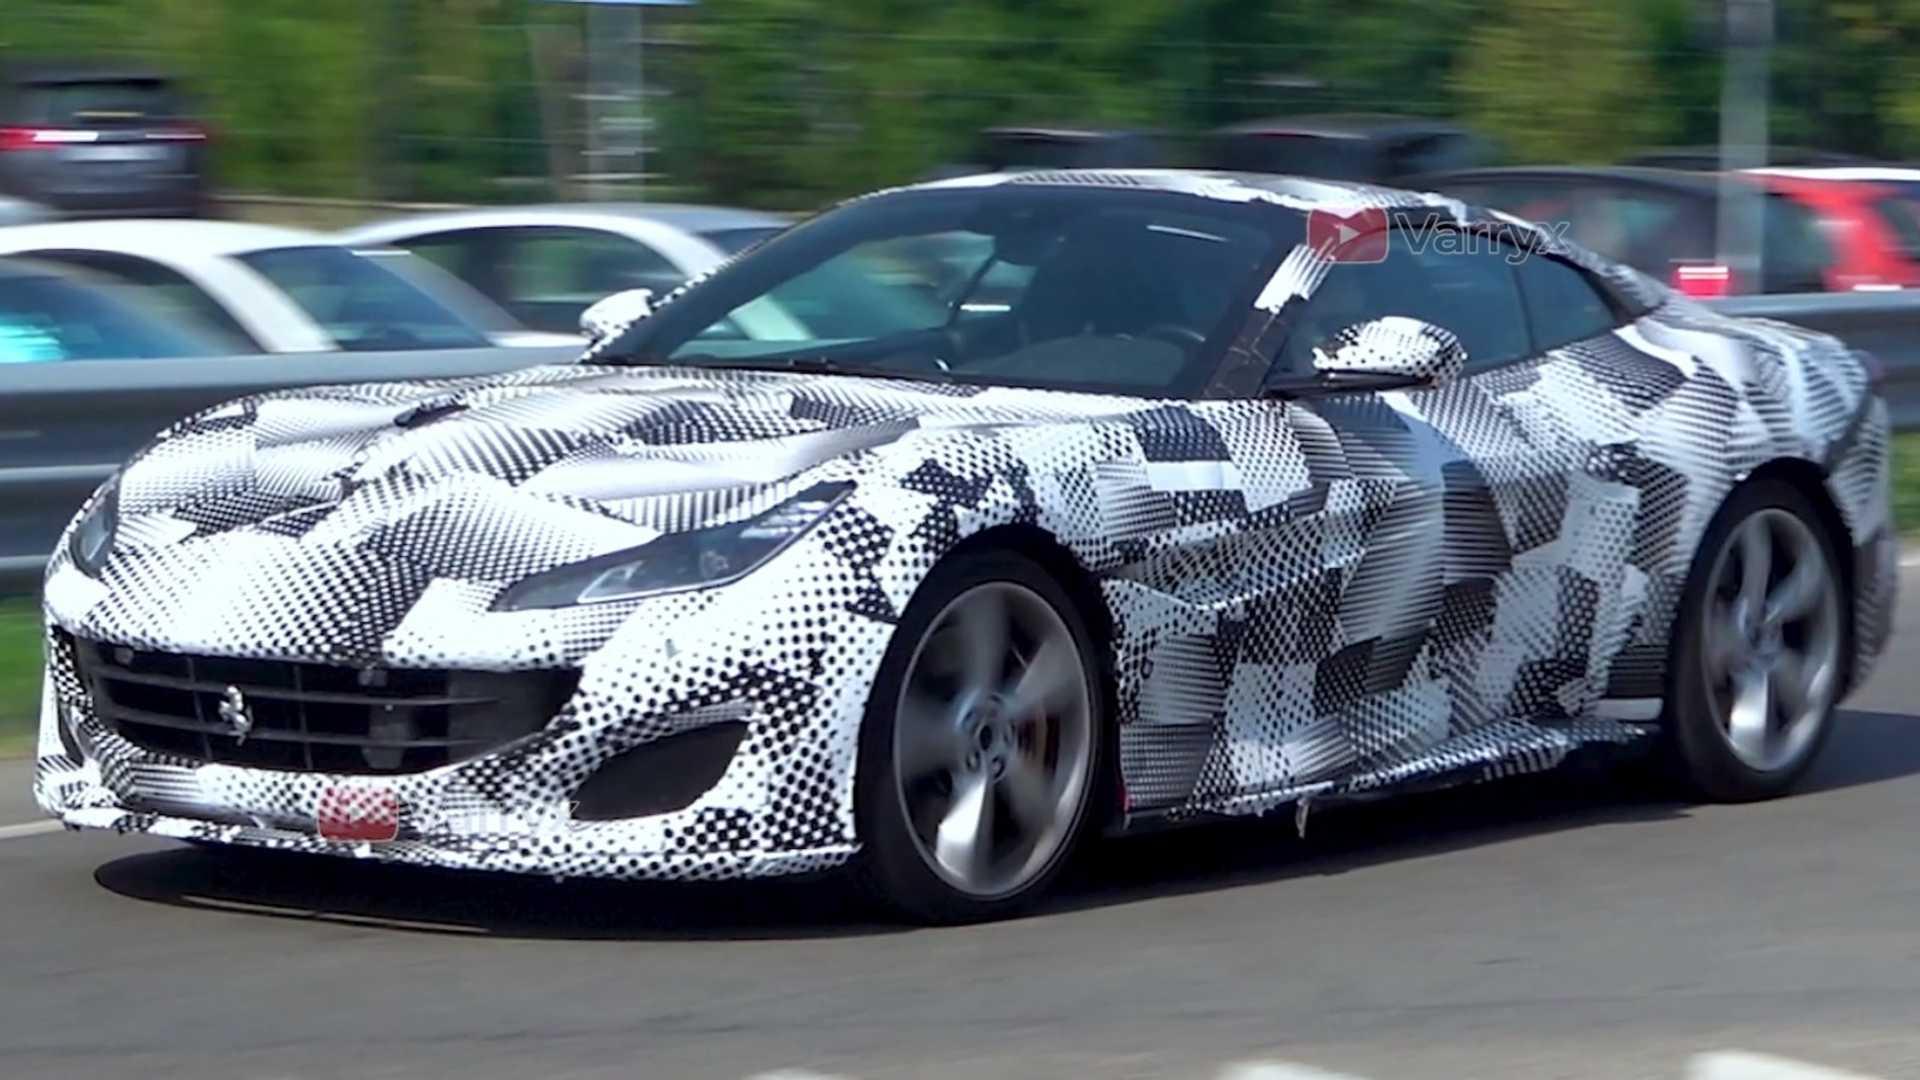 Кабриолет с жёсткой складной крышей Ferrari Portofino появился три года назад, и в ближайшее время можно ждать дебюта обновлённой версии. На итальянских дорогах фотошпионам попался закамуфлированный прототип, и маскировка вызывает недоумение: зачем скрывать дизайн, если никаких изменений не видно?